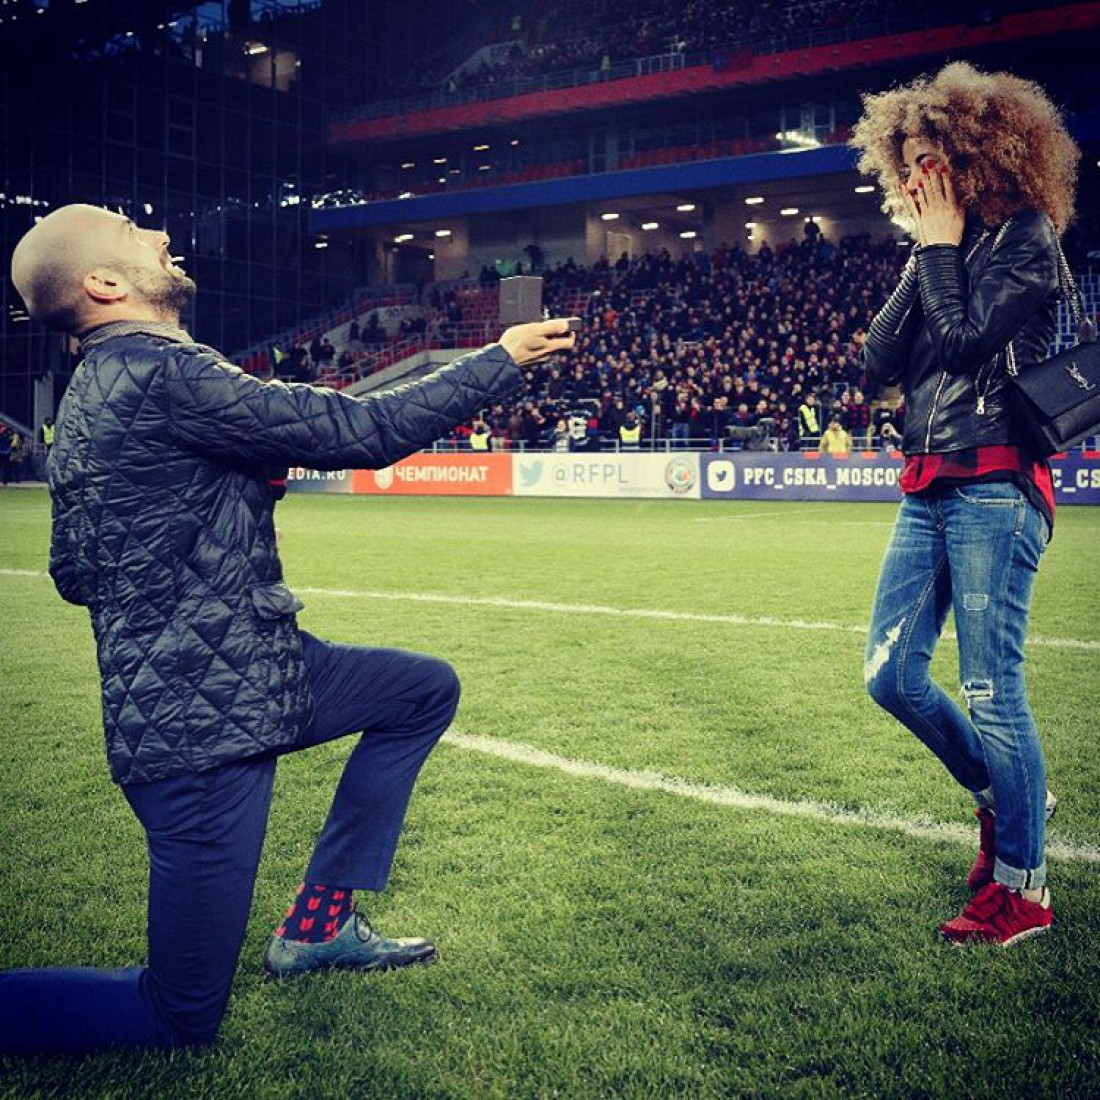 Предложение танцор сделал на стадионе